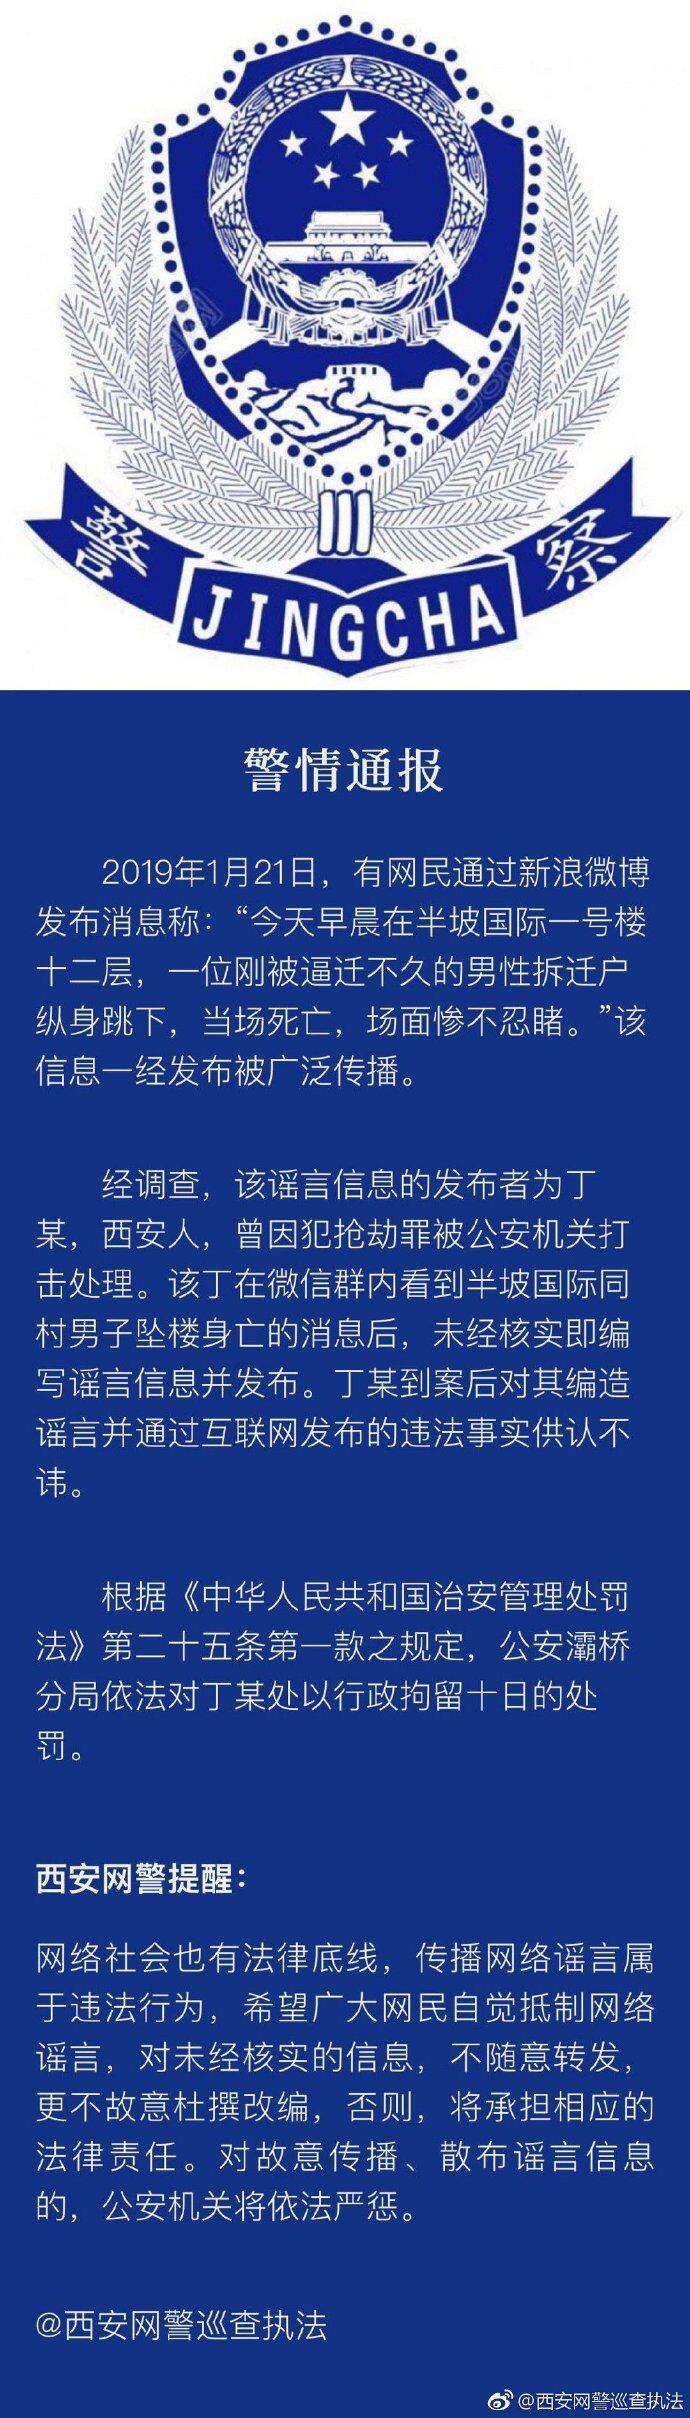 网民微信群散播不实谣言被行拘 警方提醒:网络社会也有法律底线